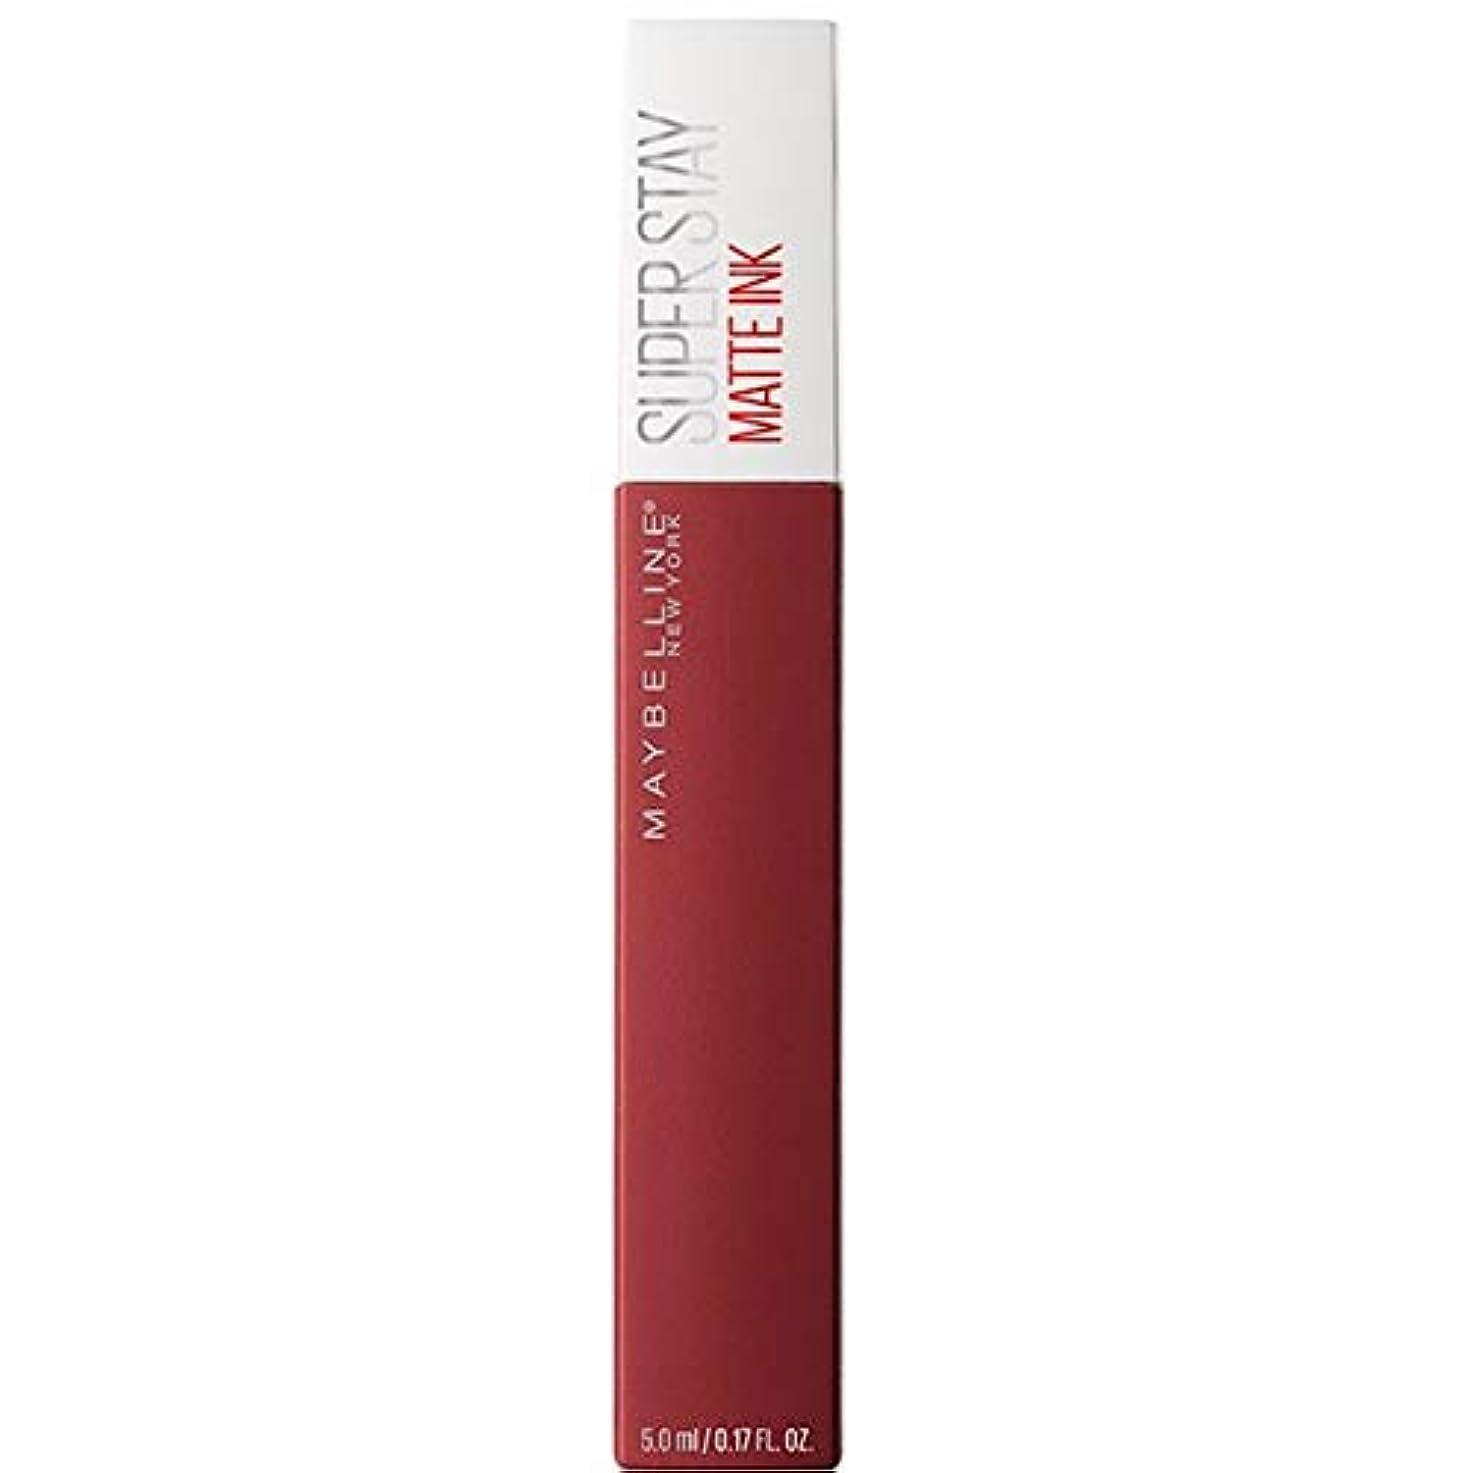 パイプライン締める強打[Maybelline ] メイベリンSuperstayマットインク液50ボイジャー - Maybelline Superstay Matte Ink Liquid 50 Voyager [並行輸入品]